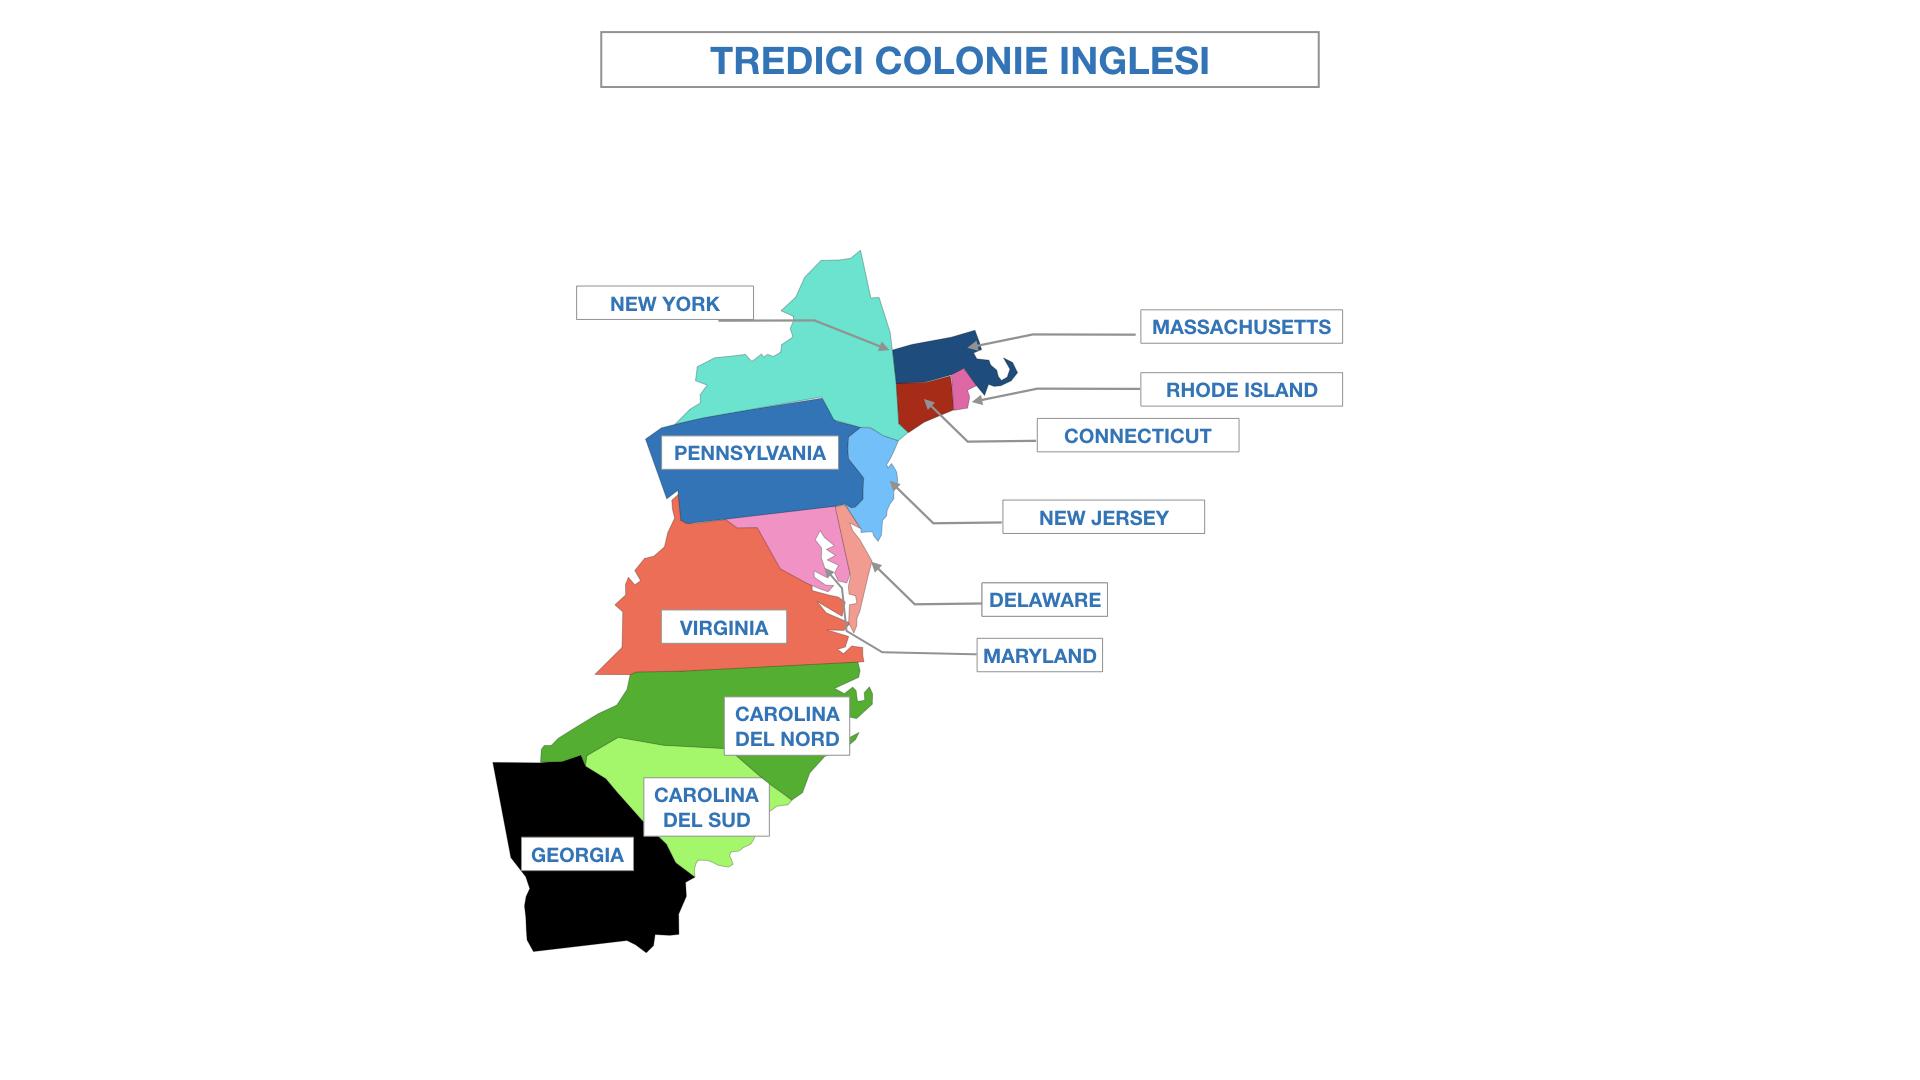 AMERICA LE TREDICI COLONIE INGLESI SIMULAZIONE.034